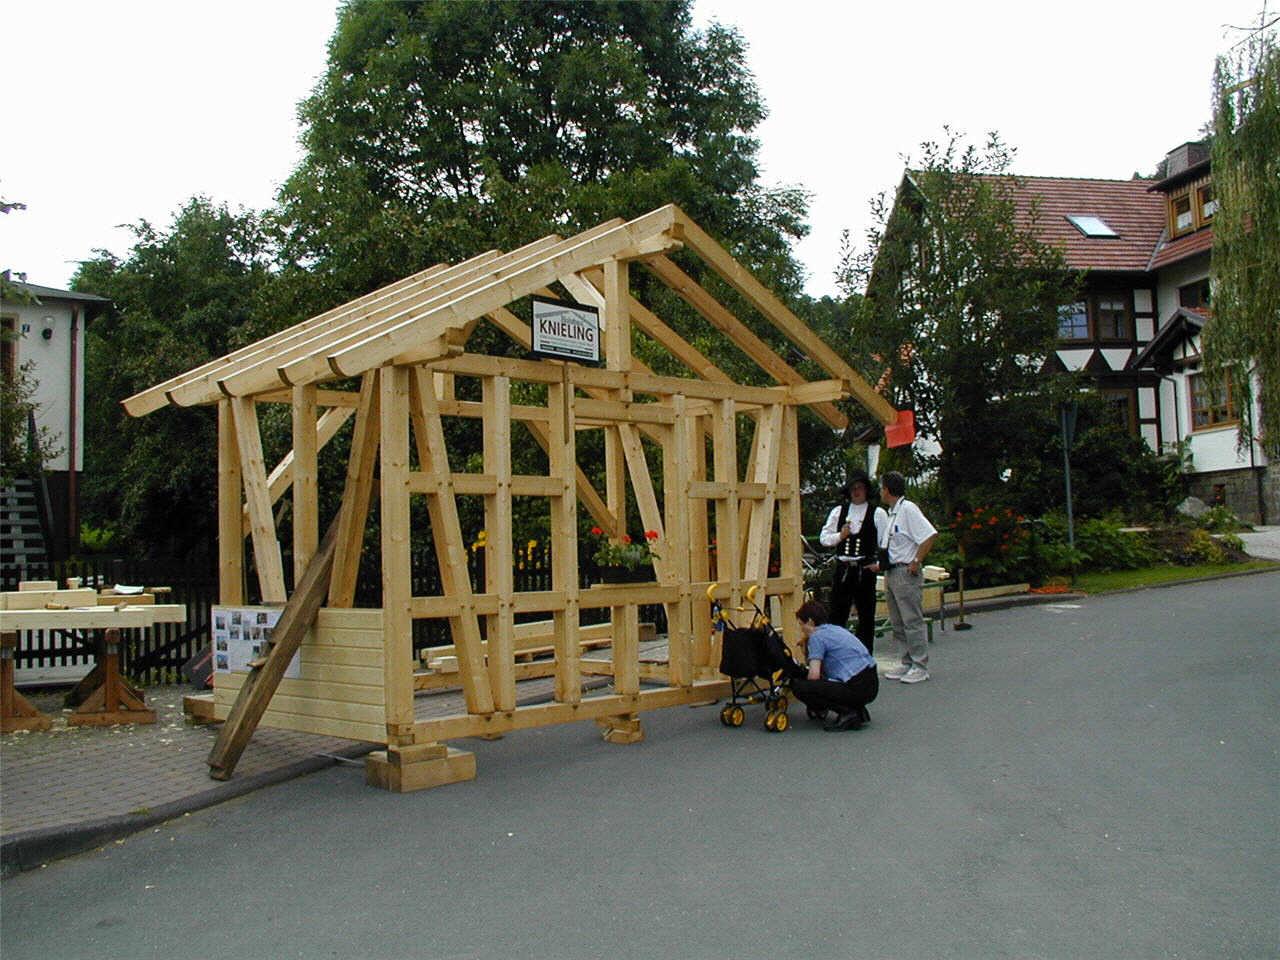 Aktuelle Holzbautechnik bei Knieling. (© Detlef Battefeld)